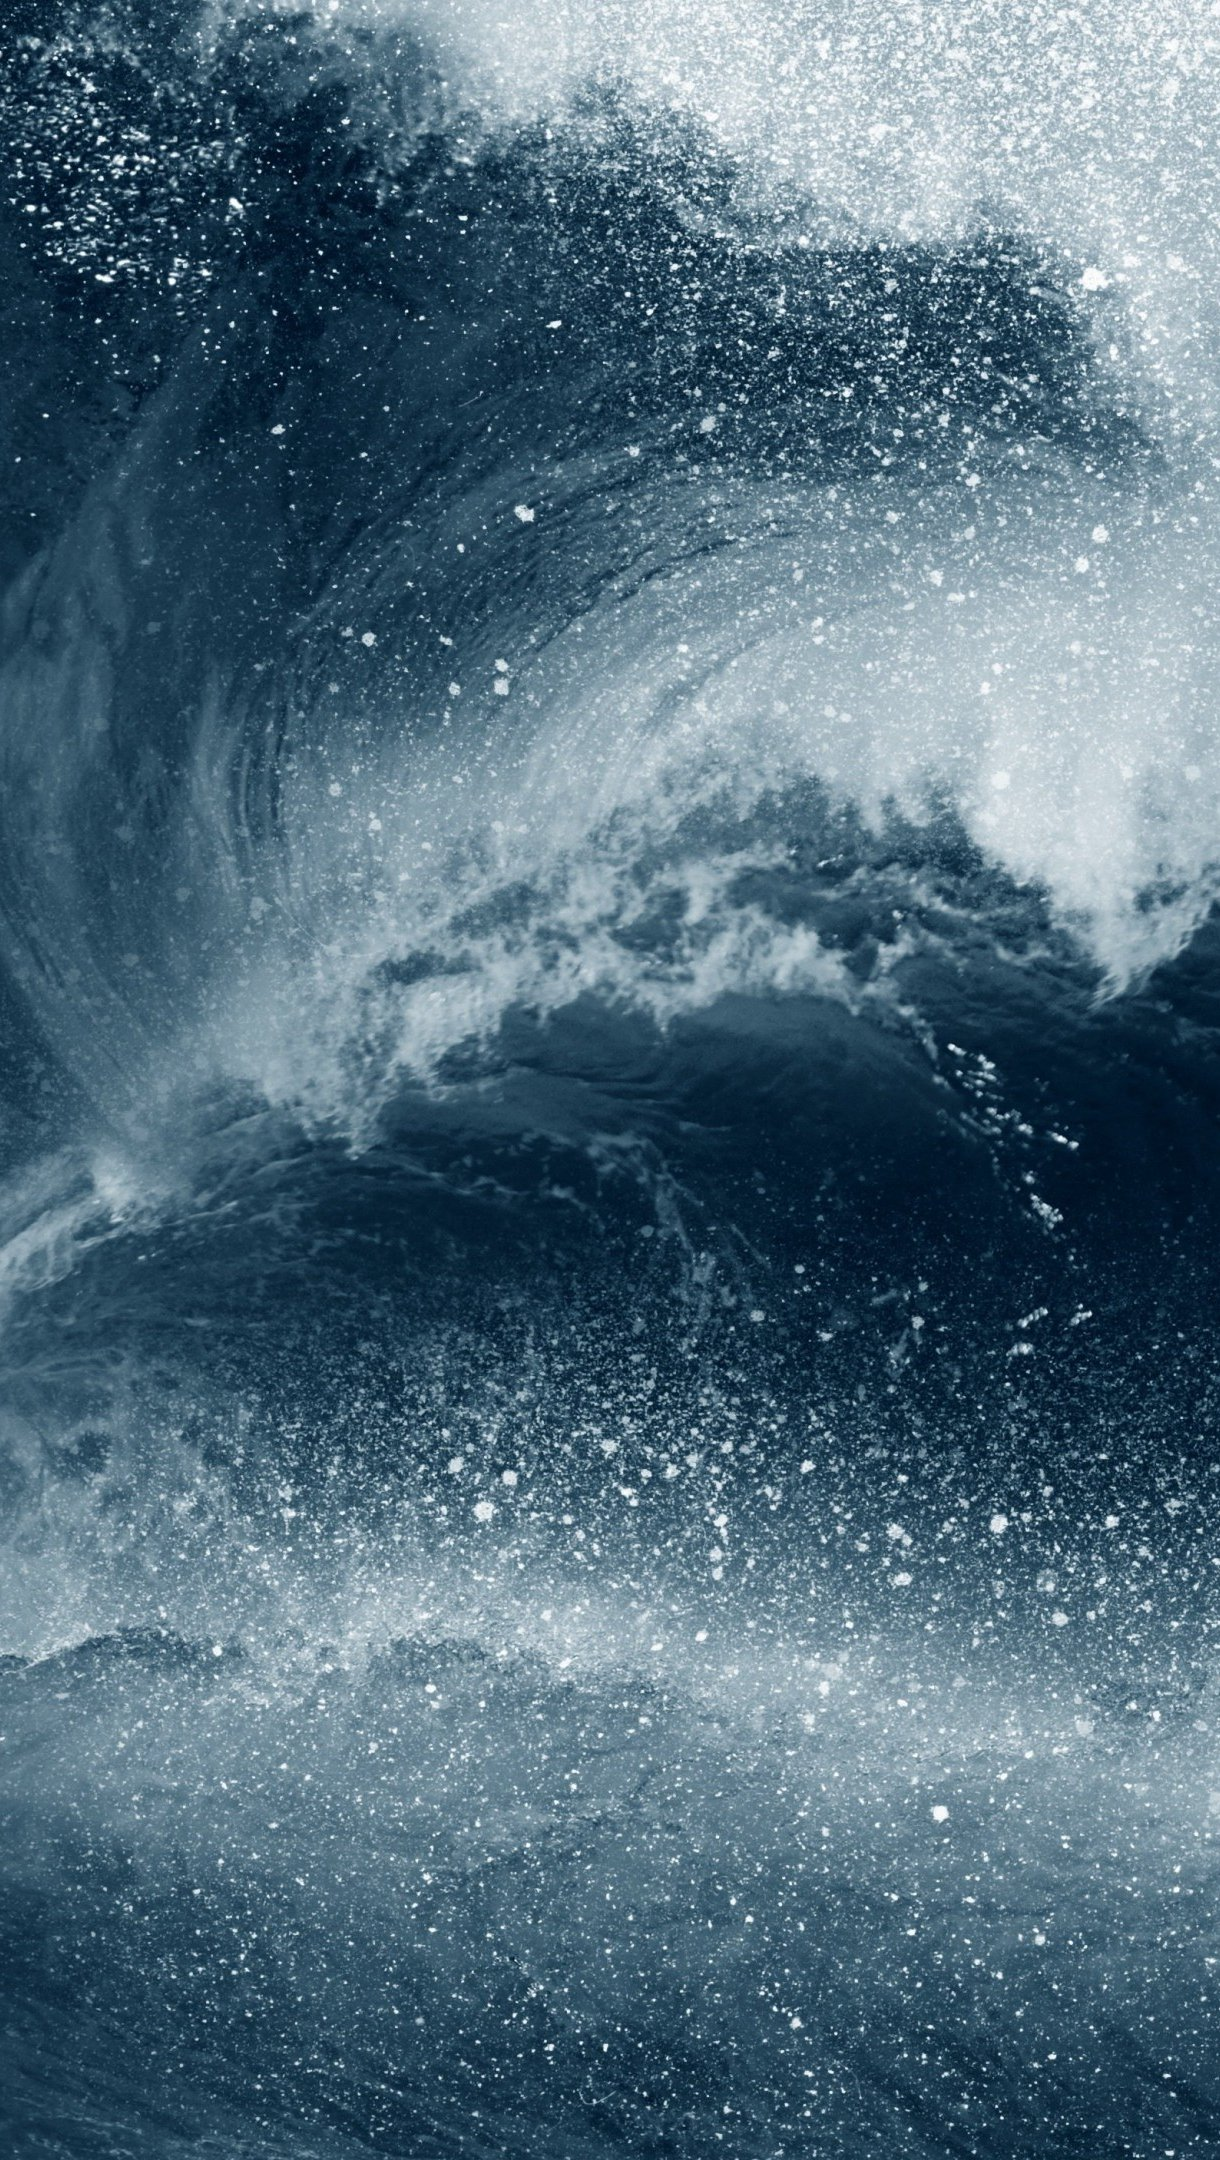 Fondos de pantalla Ola en el océano durante tormenta Vertical